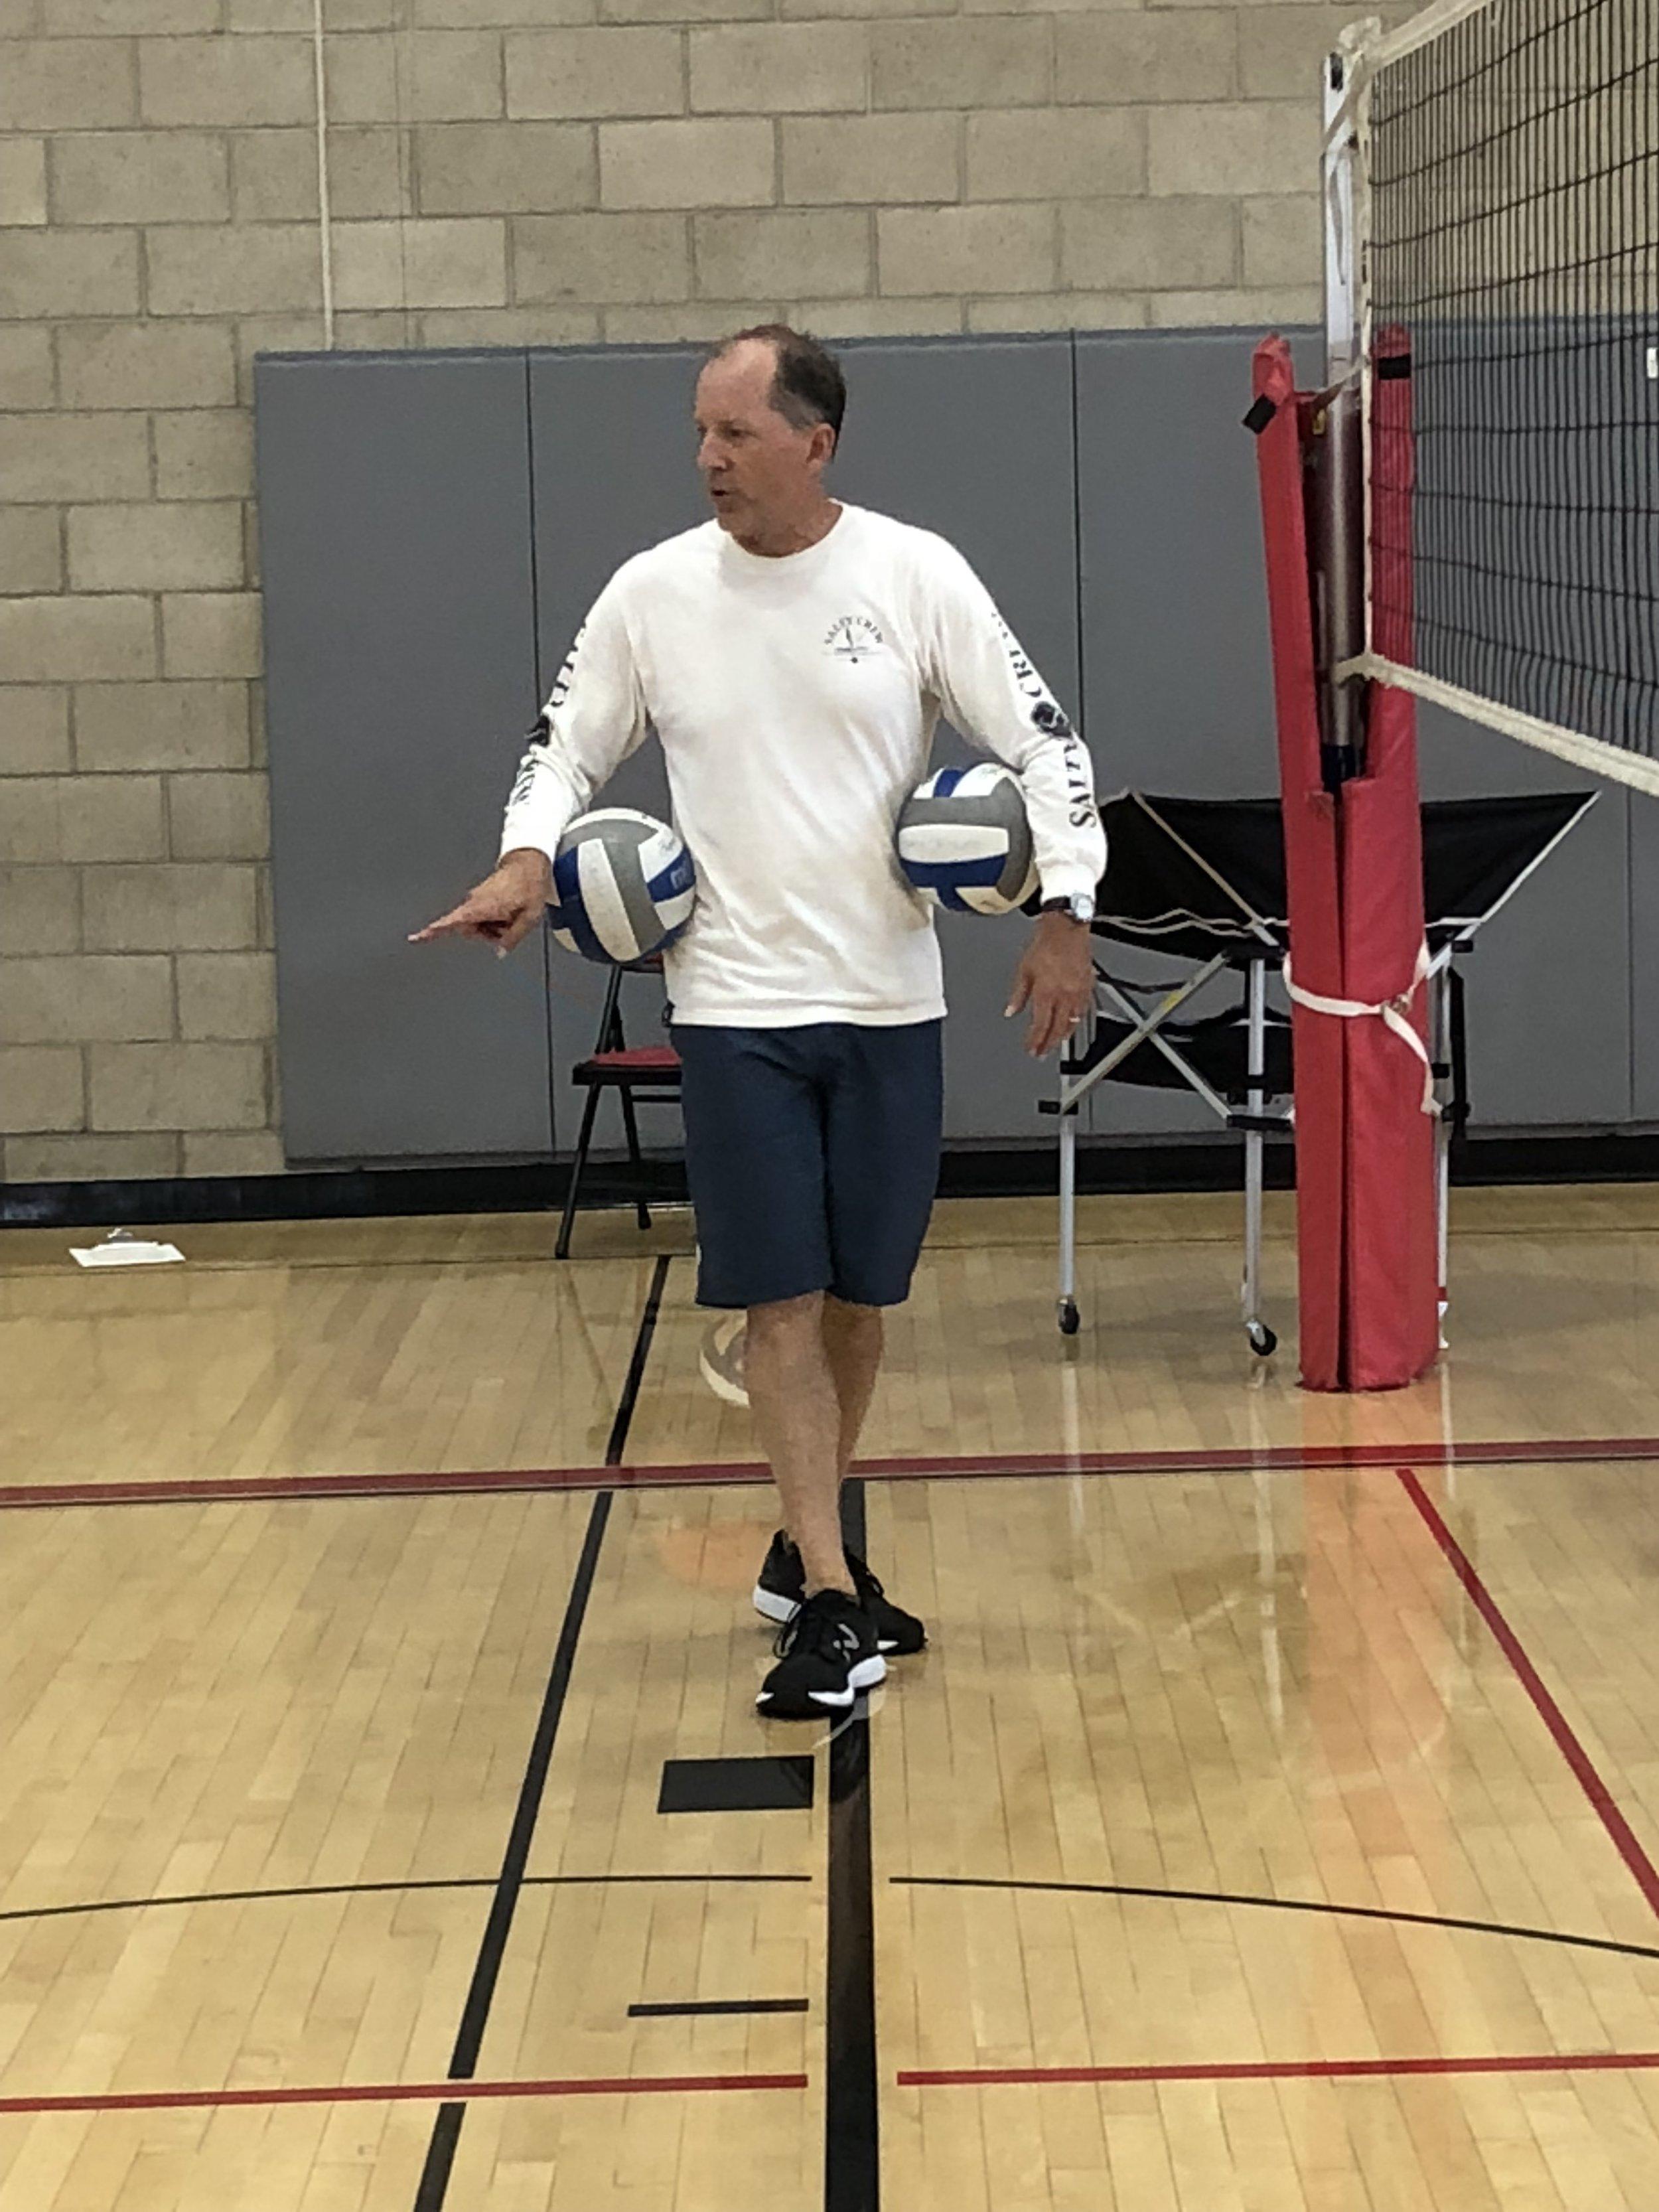 scott terry coachingIMG_7345.JPG